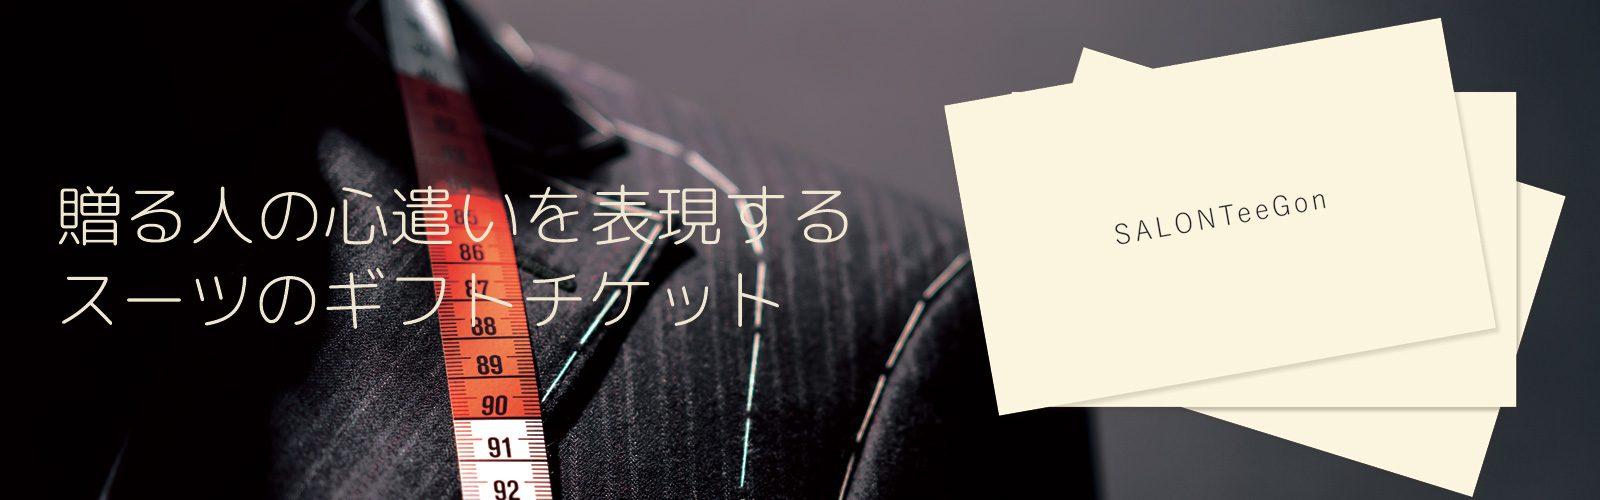 贈る人の心遣いを表現するスーツのギフトチケット